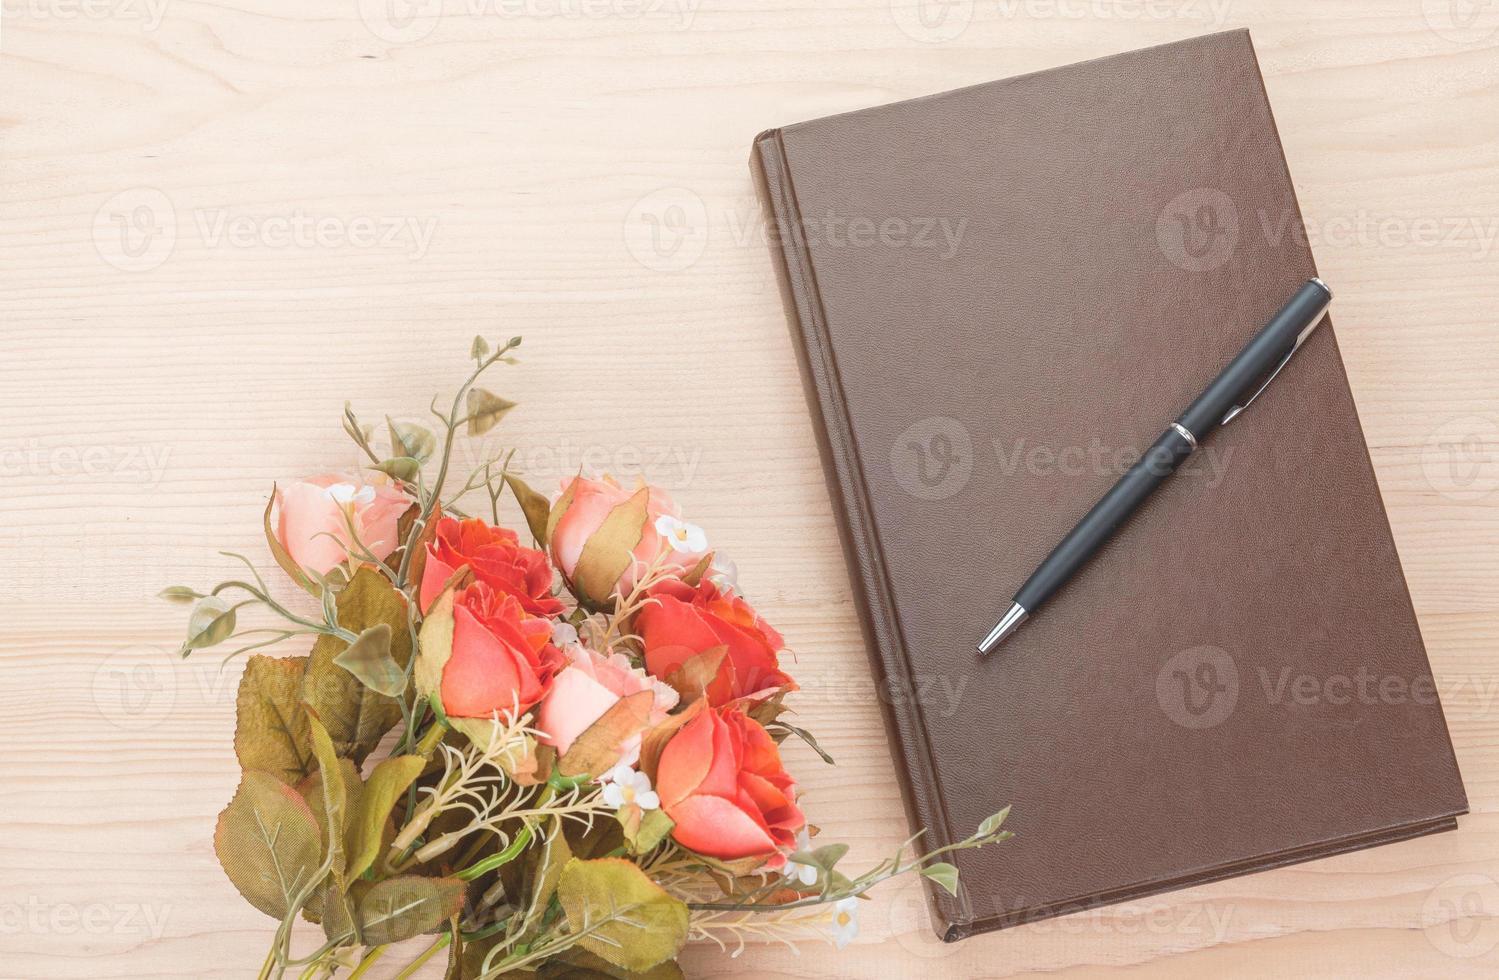 libro retrò su sfondo di legno foto